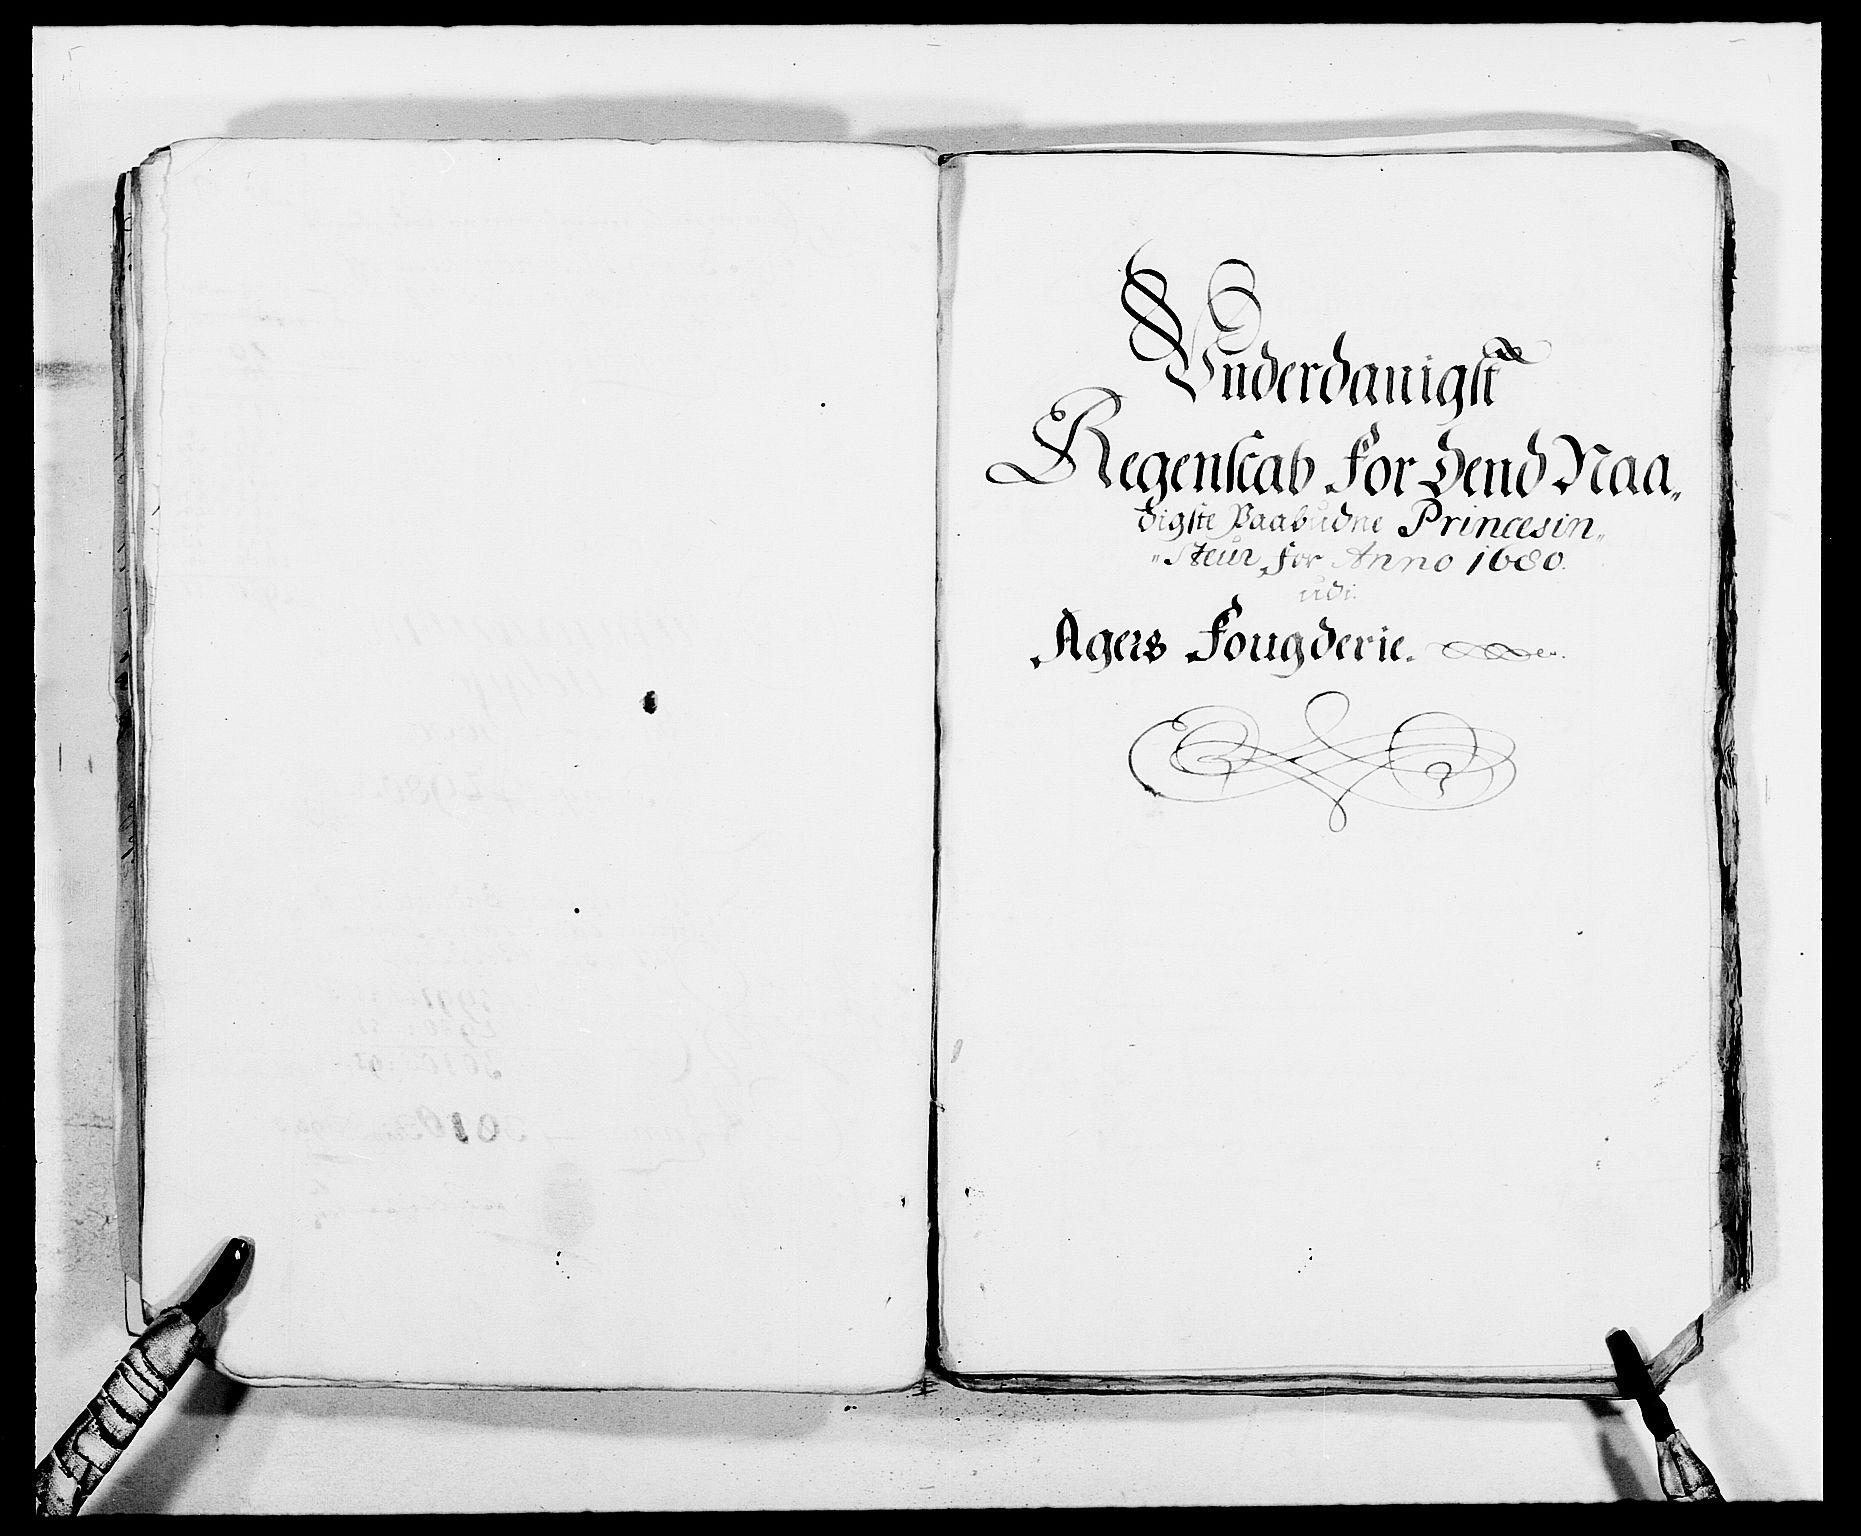 RA, Rentekammeret inntil 1814, Reviderte regnskaper, Fogderegnskap, R08/L0416: Fogderegnskap Aker, 1678-1681, s. 35